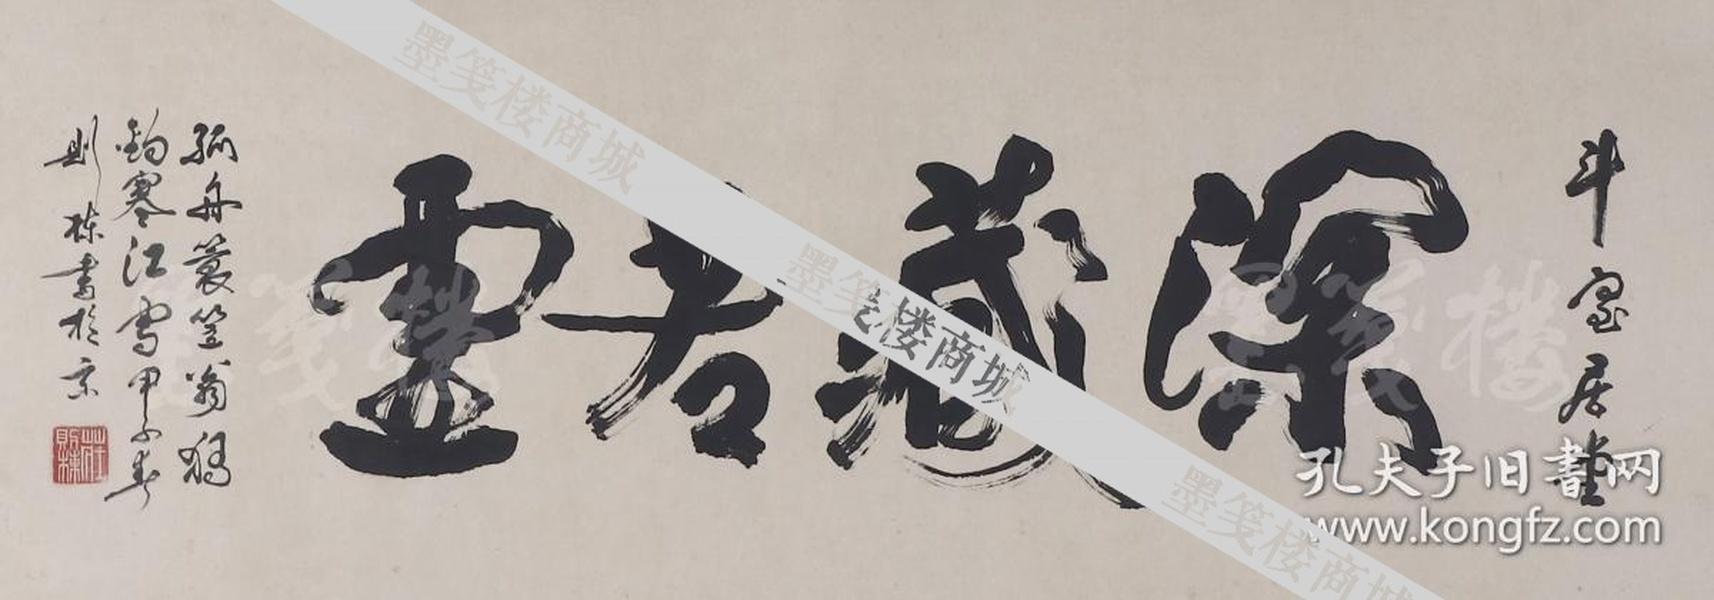 中国乒坛名宿、国家体委主任 庄则栋《深藏若需》一幅(约2平尺,附原藏者生活照两帧,家居所挂即为此件书法)HXTX102310